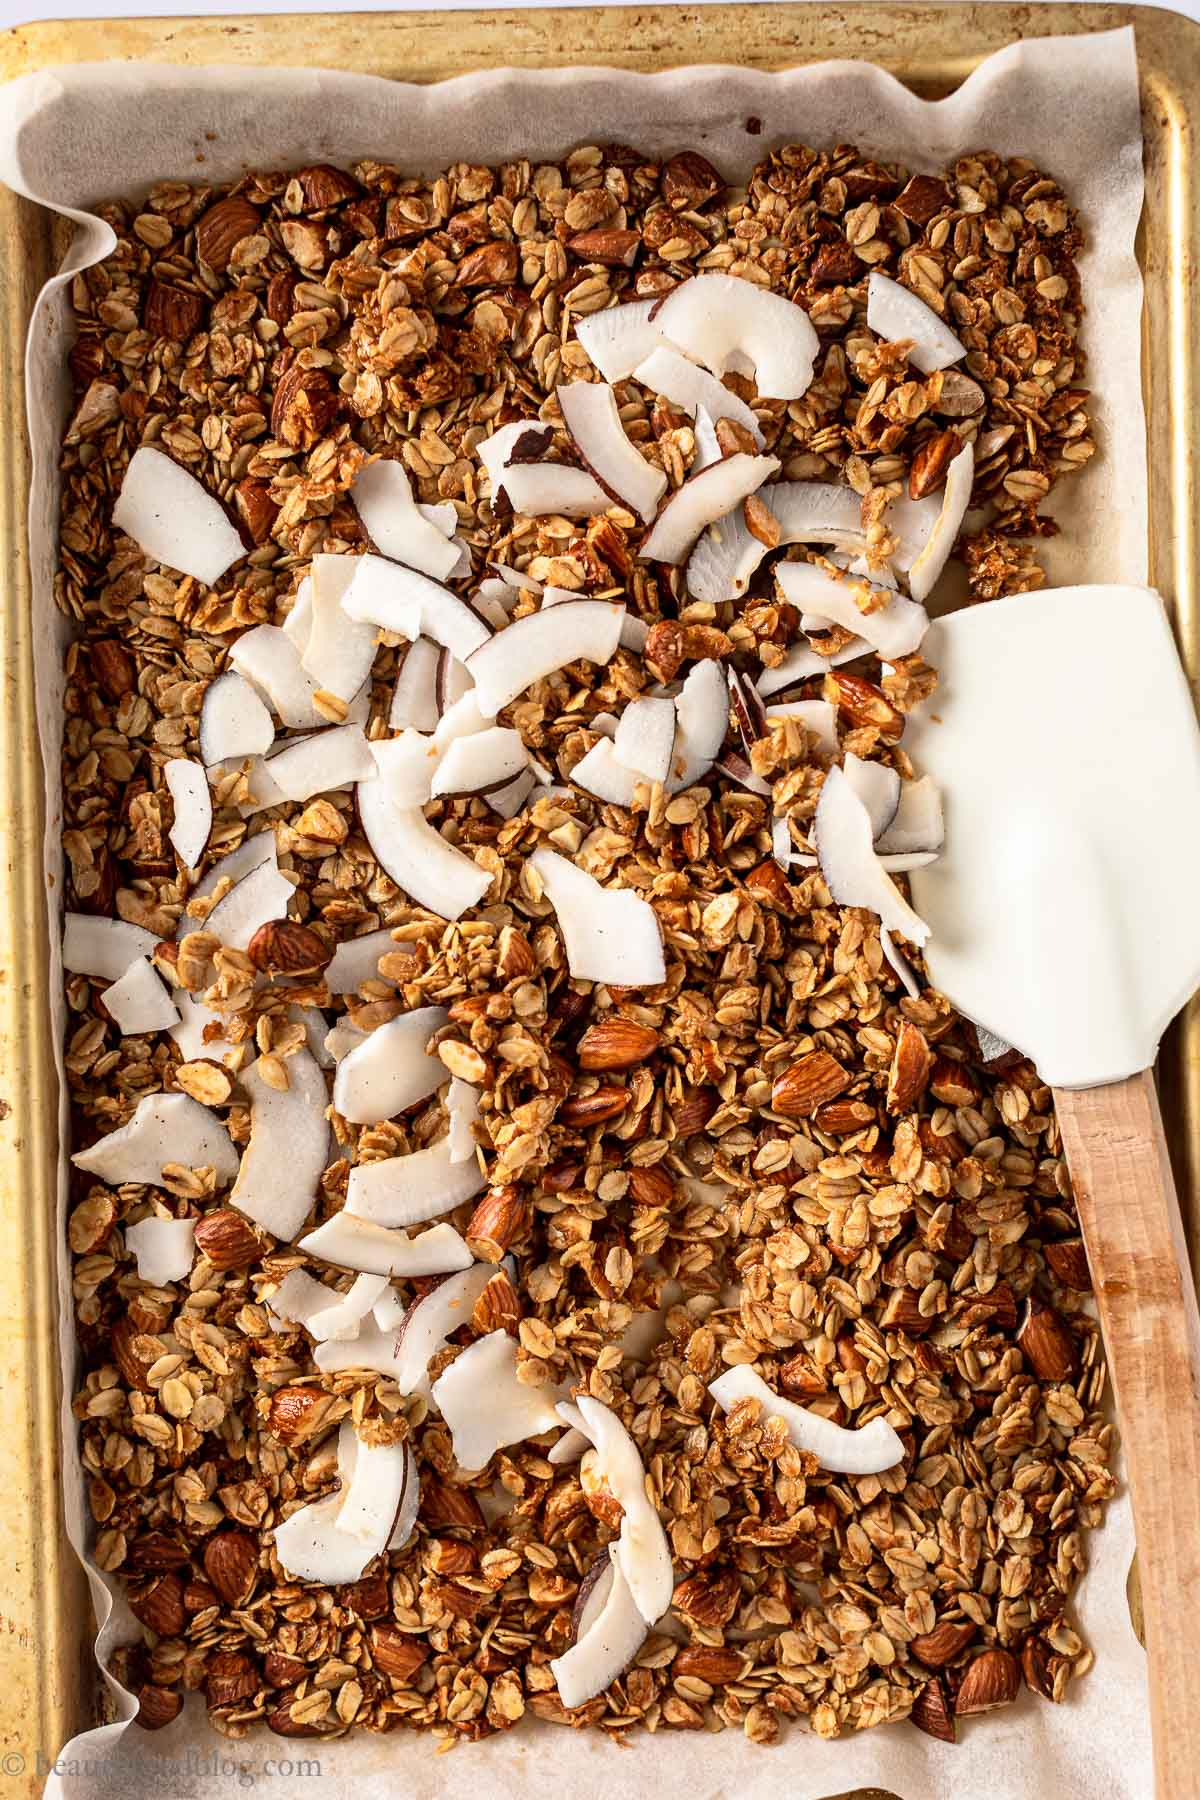 come fare la granola fatta in casa granola croccante cocco e fragole how to make vegan homemade strawberry coconut granola